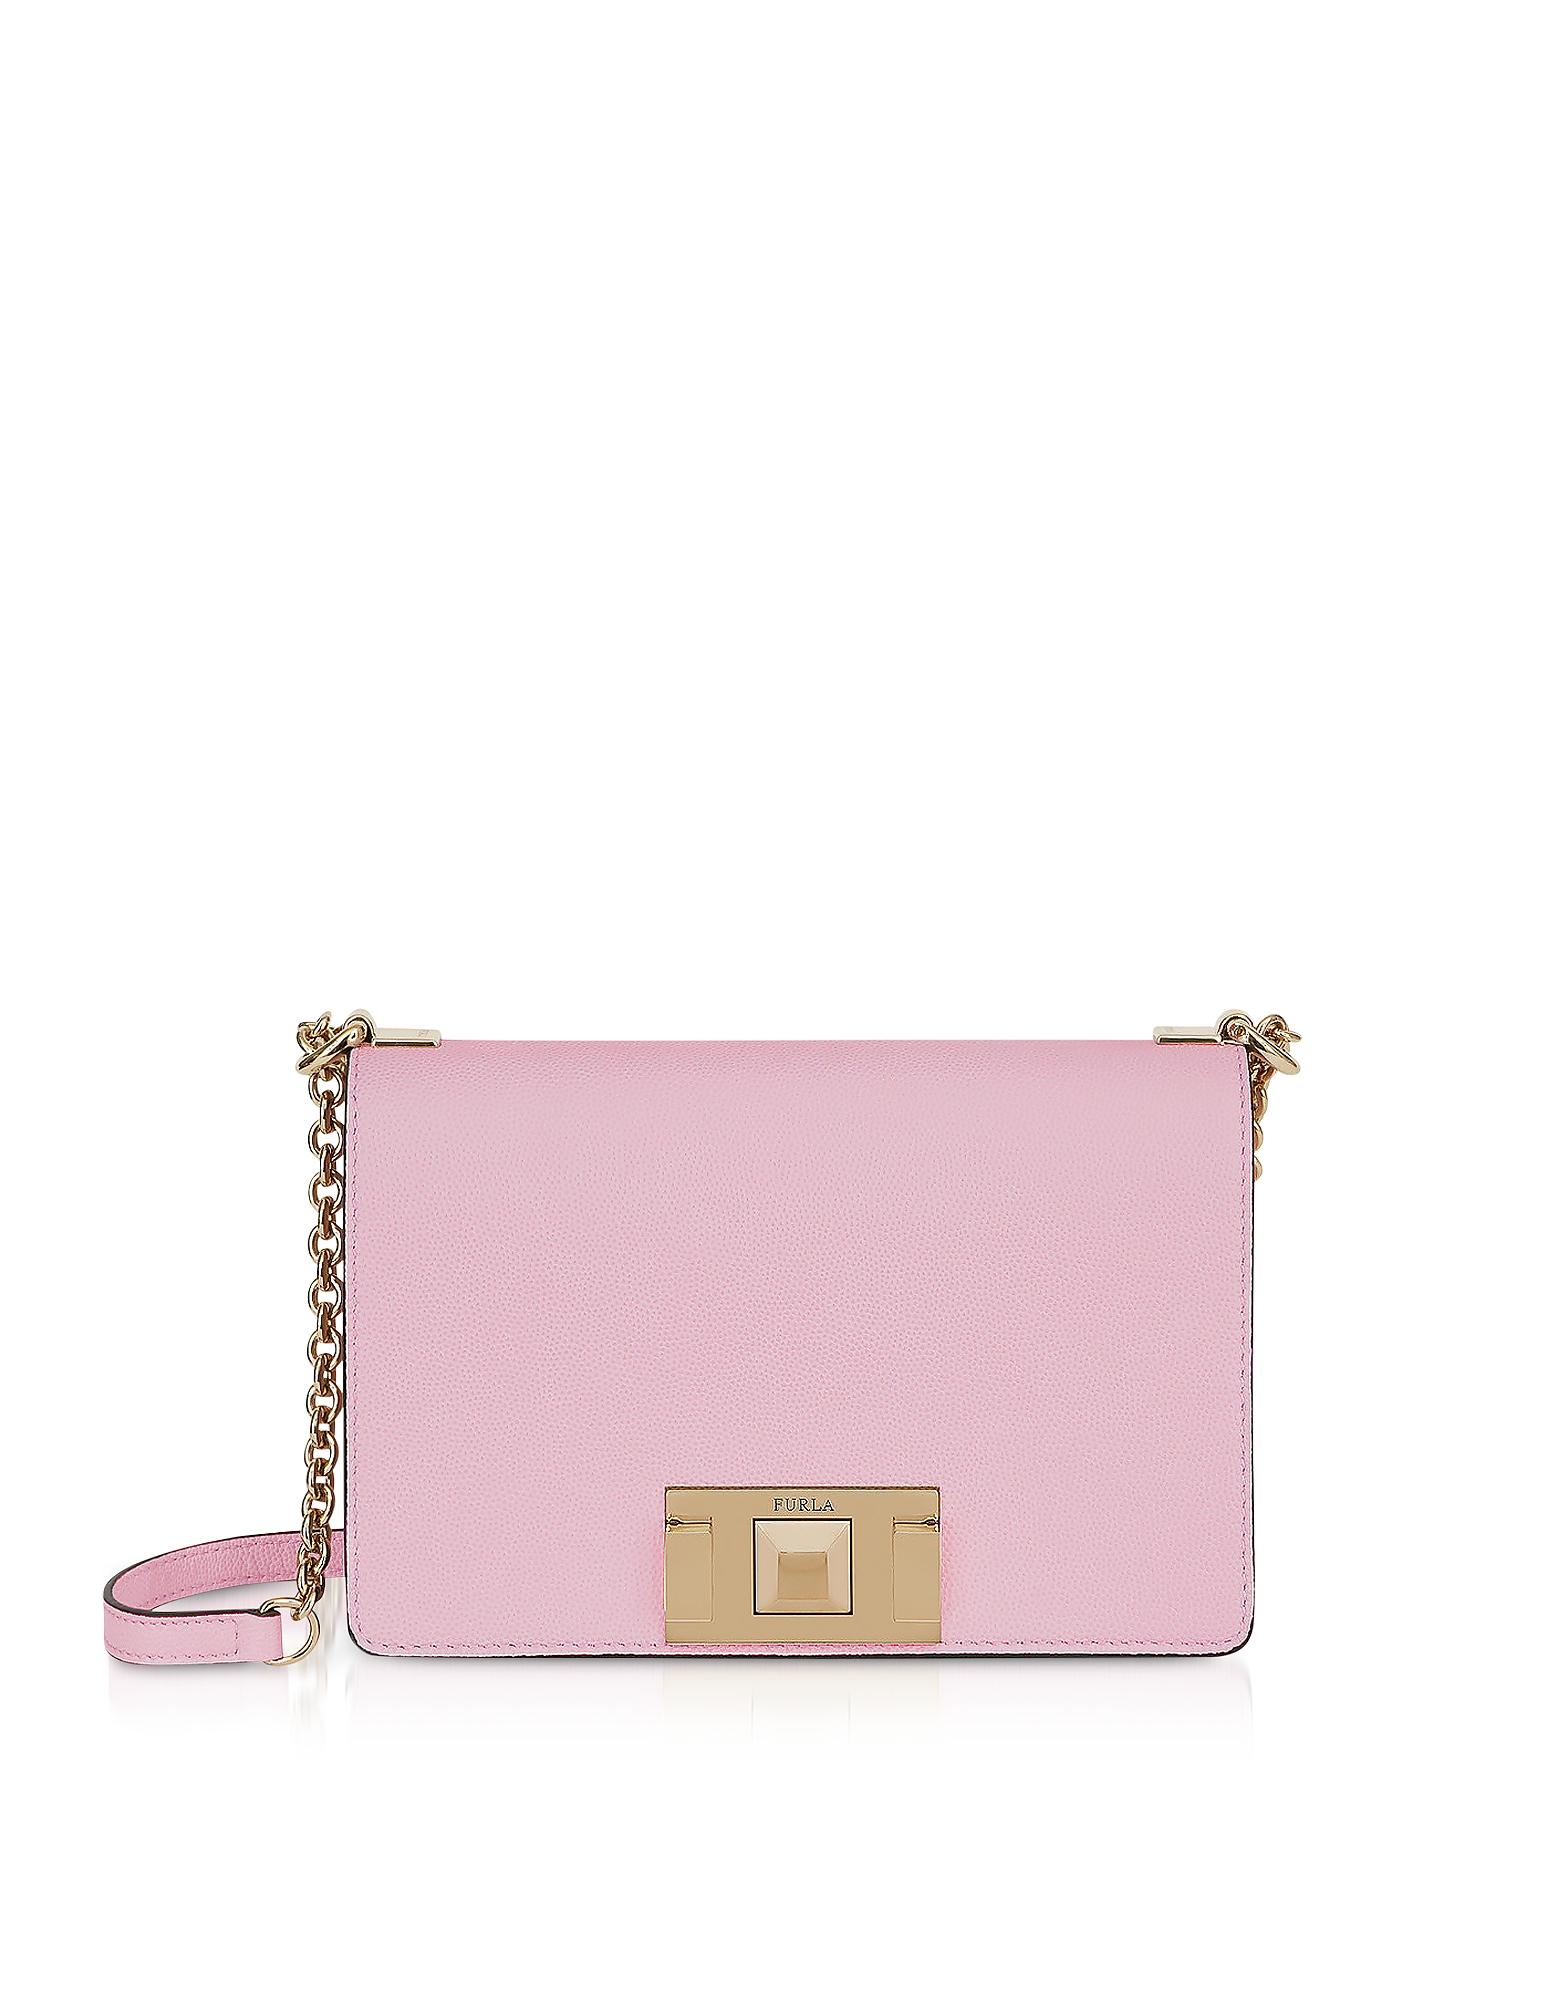 Furla Designer Handbags, Mimì Mini Crossbody Bag